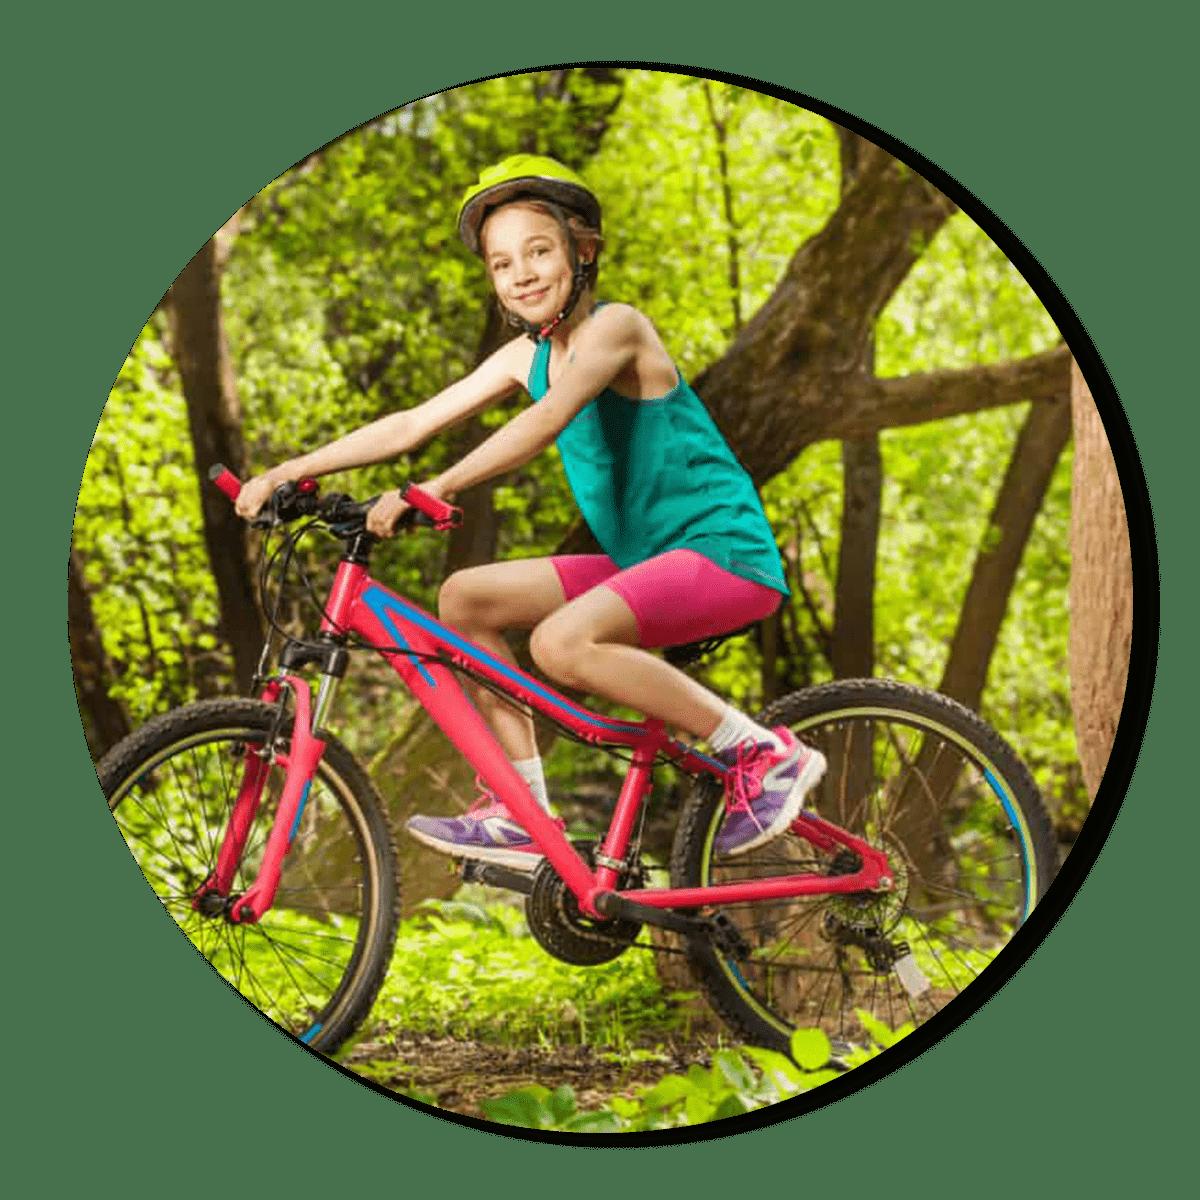 oszczędzanie na rower